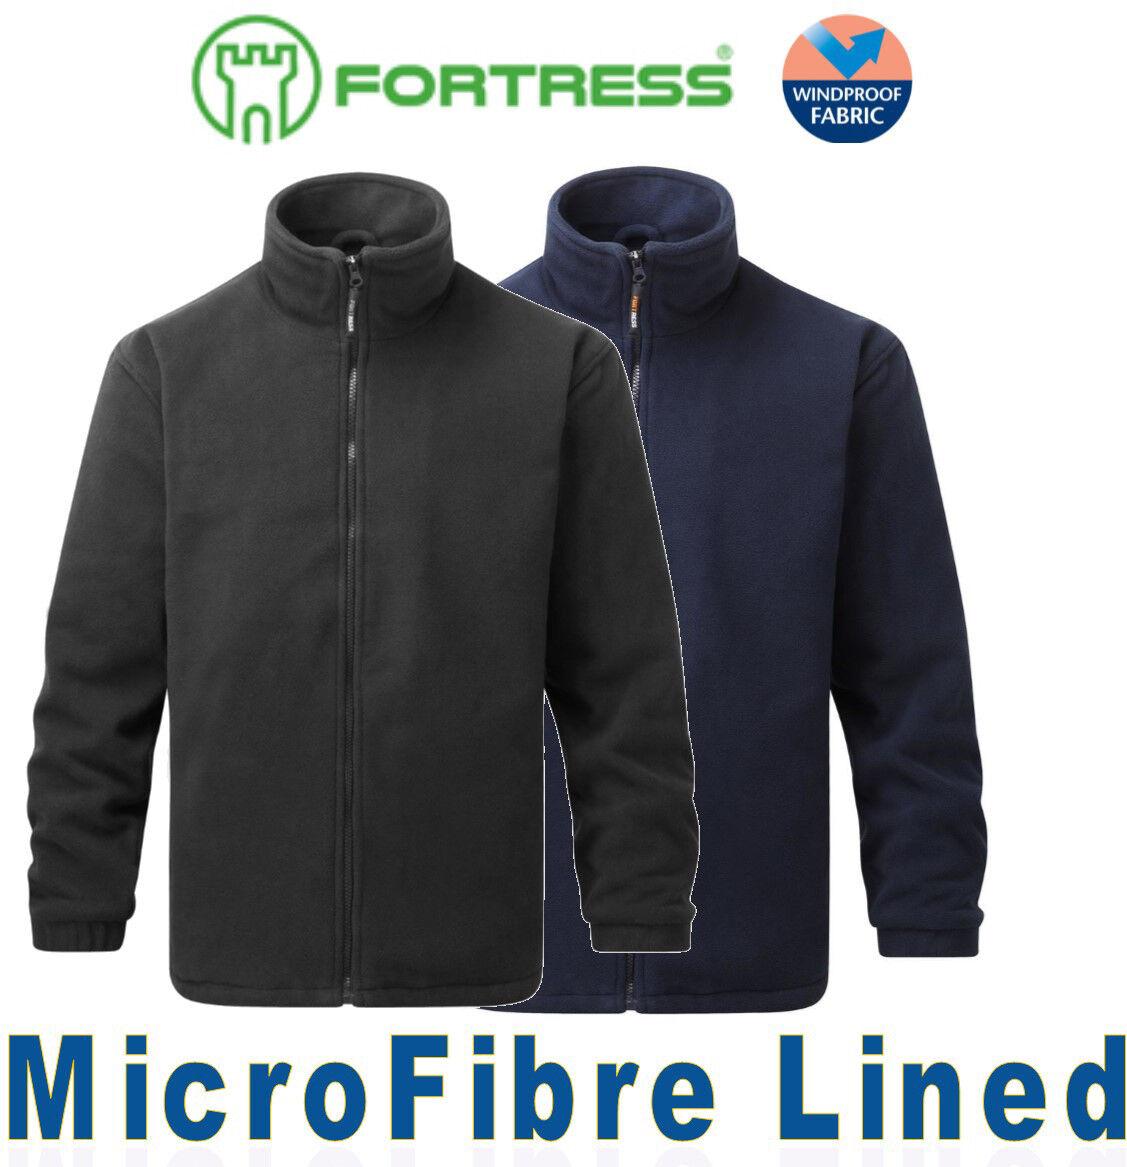 Uomo Inverno Giacca in pile Tempo frossodo Top in microfibra 300gsm Foderato Pesante 300gsm microfibra 8ae219